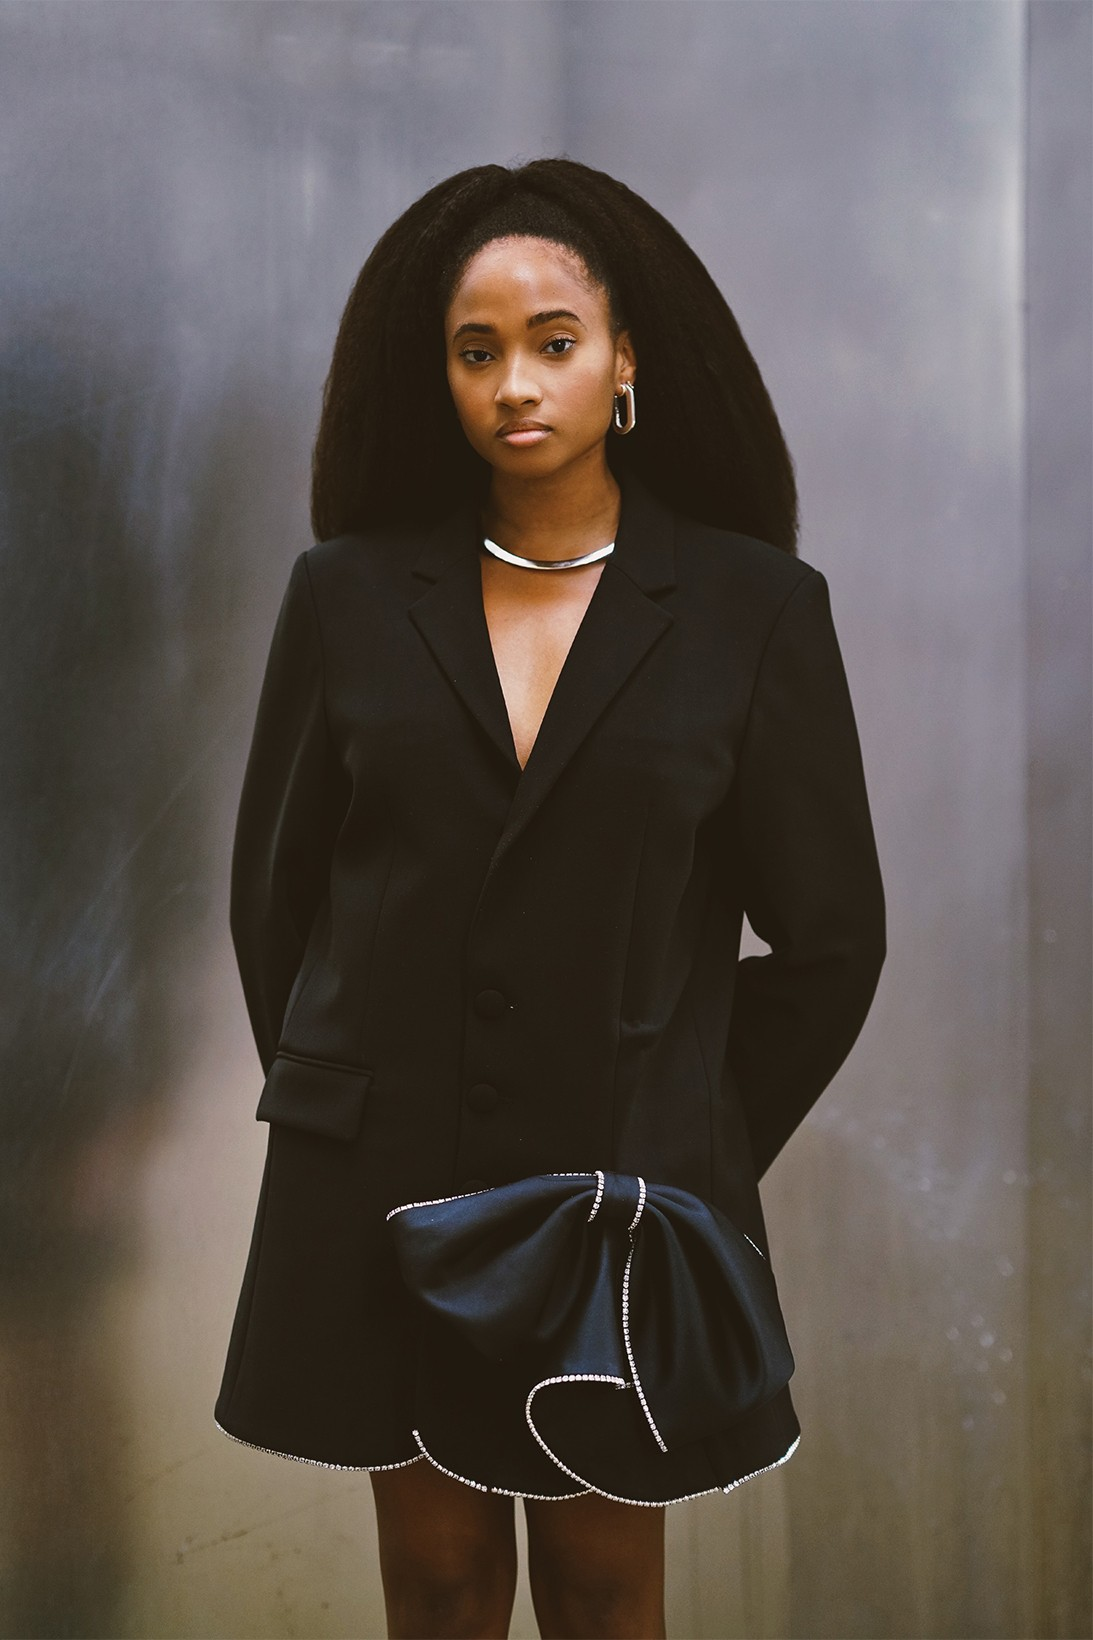 candace marie stewart social media strategist black in corporate initiative black blazer necklace earrings